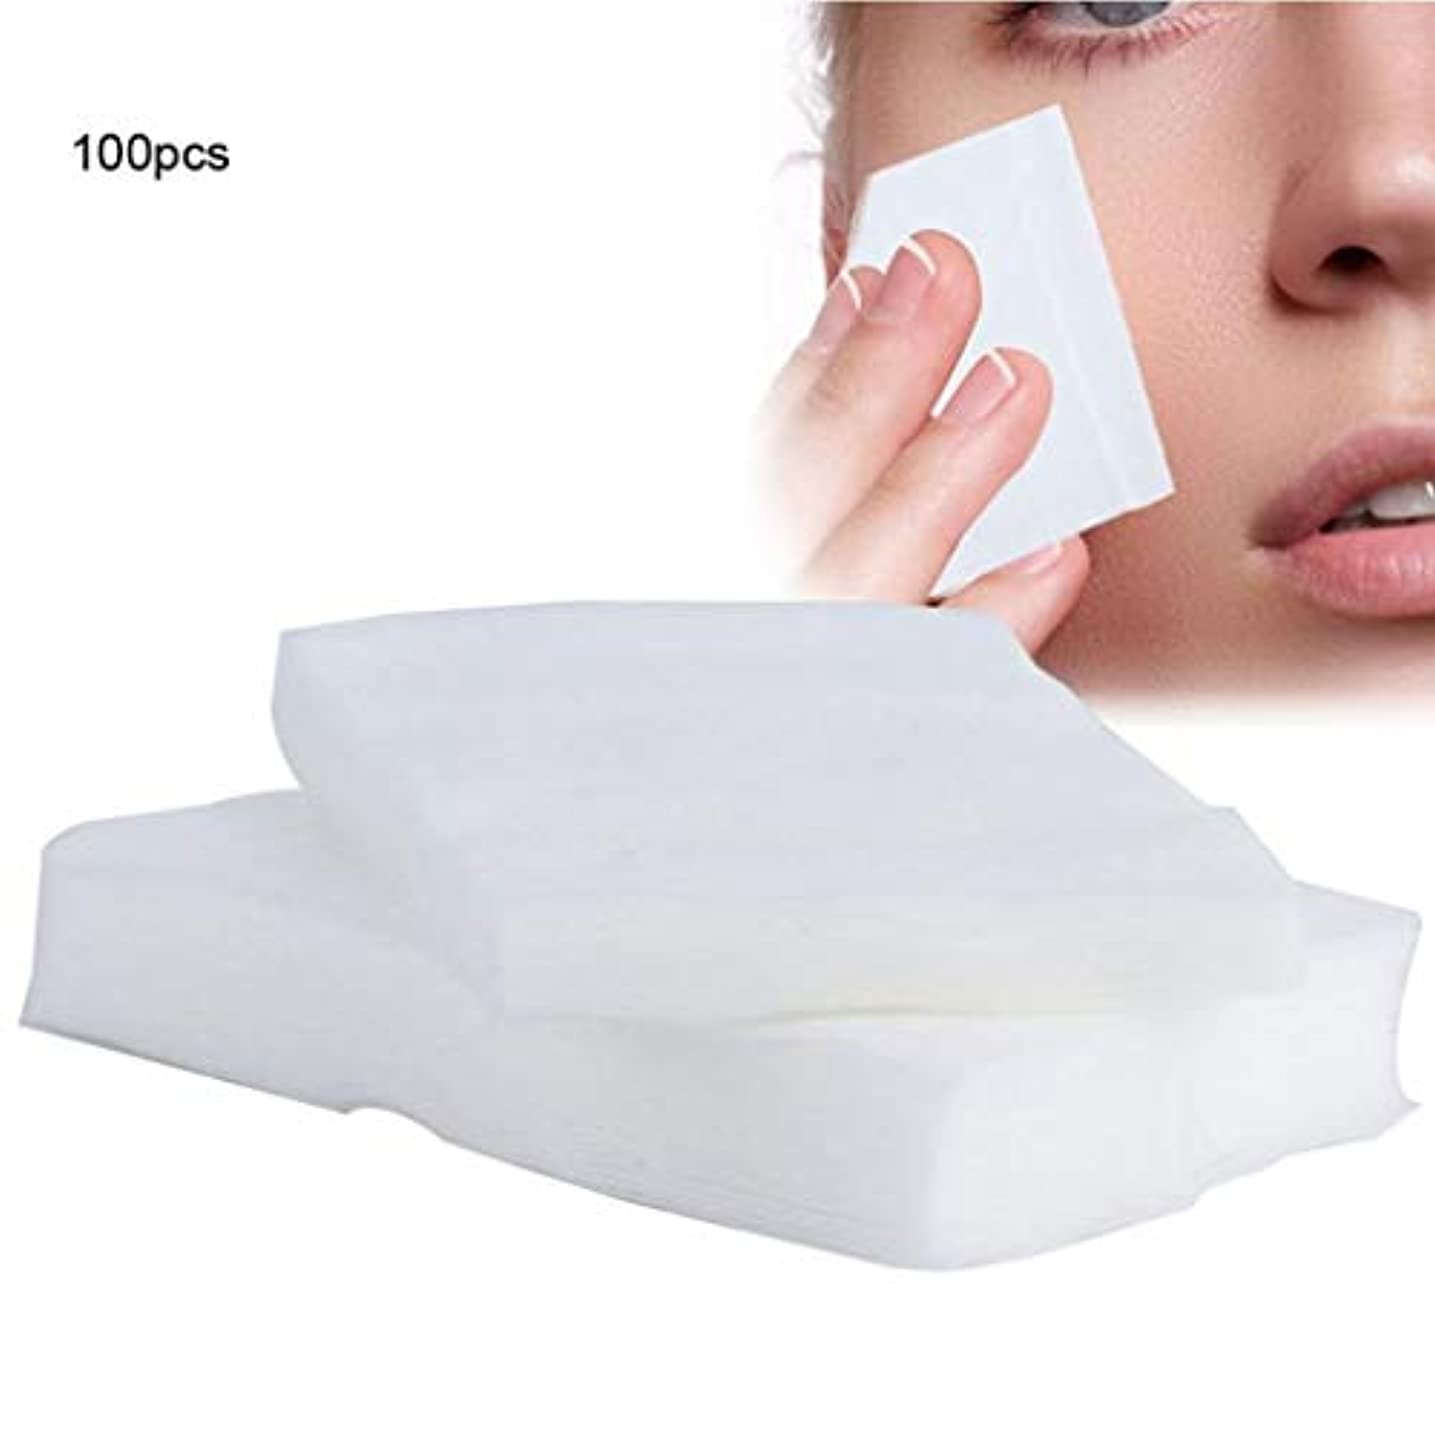 謙虚な崖ナイロンクレンジングシート 100ピース化粧コットンパッド使い捨て化粧品リムーバーソフトフェイシャルクレンジングワイプペーパータオルメイクアップリムーバーワイプ (Color : White, サイズ : 6*7cm)